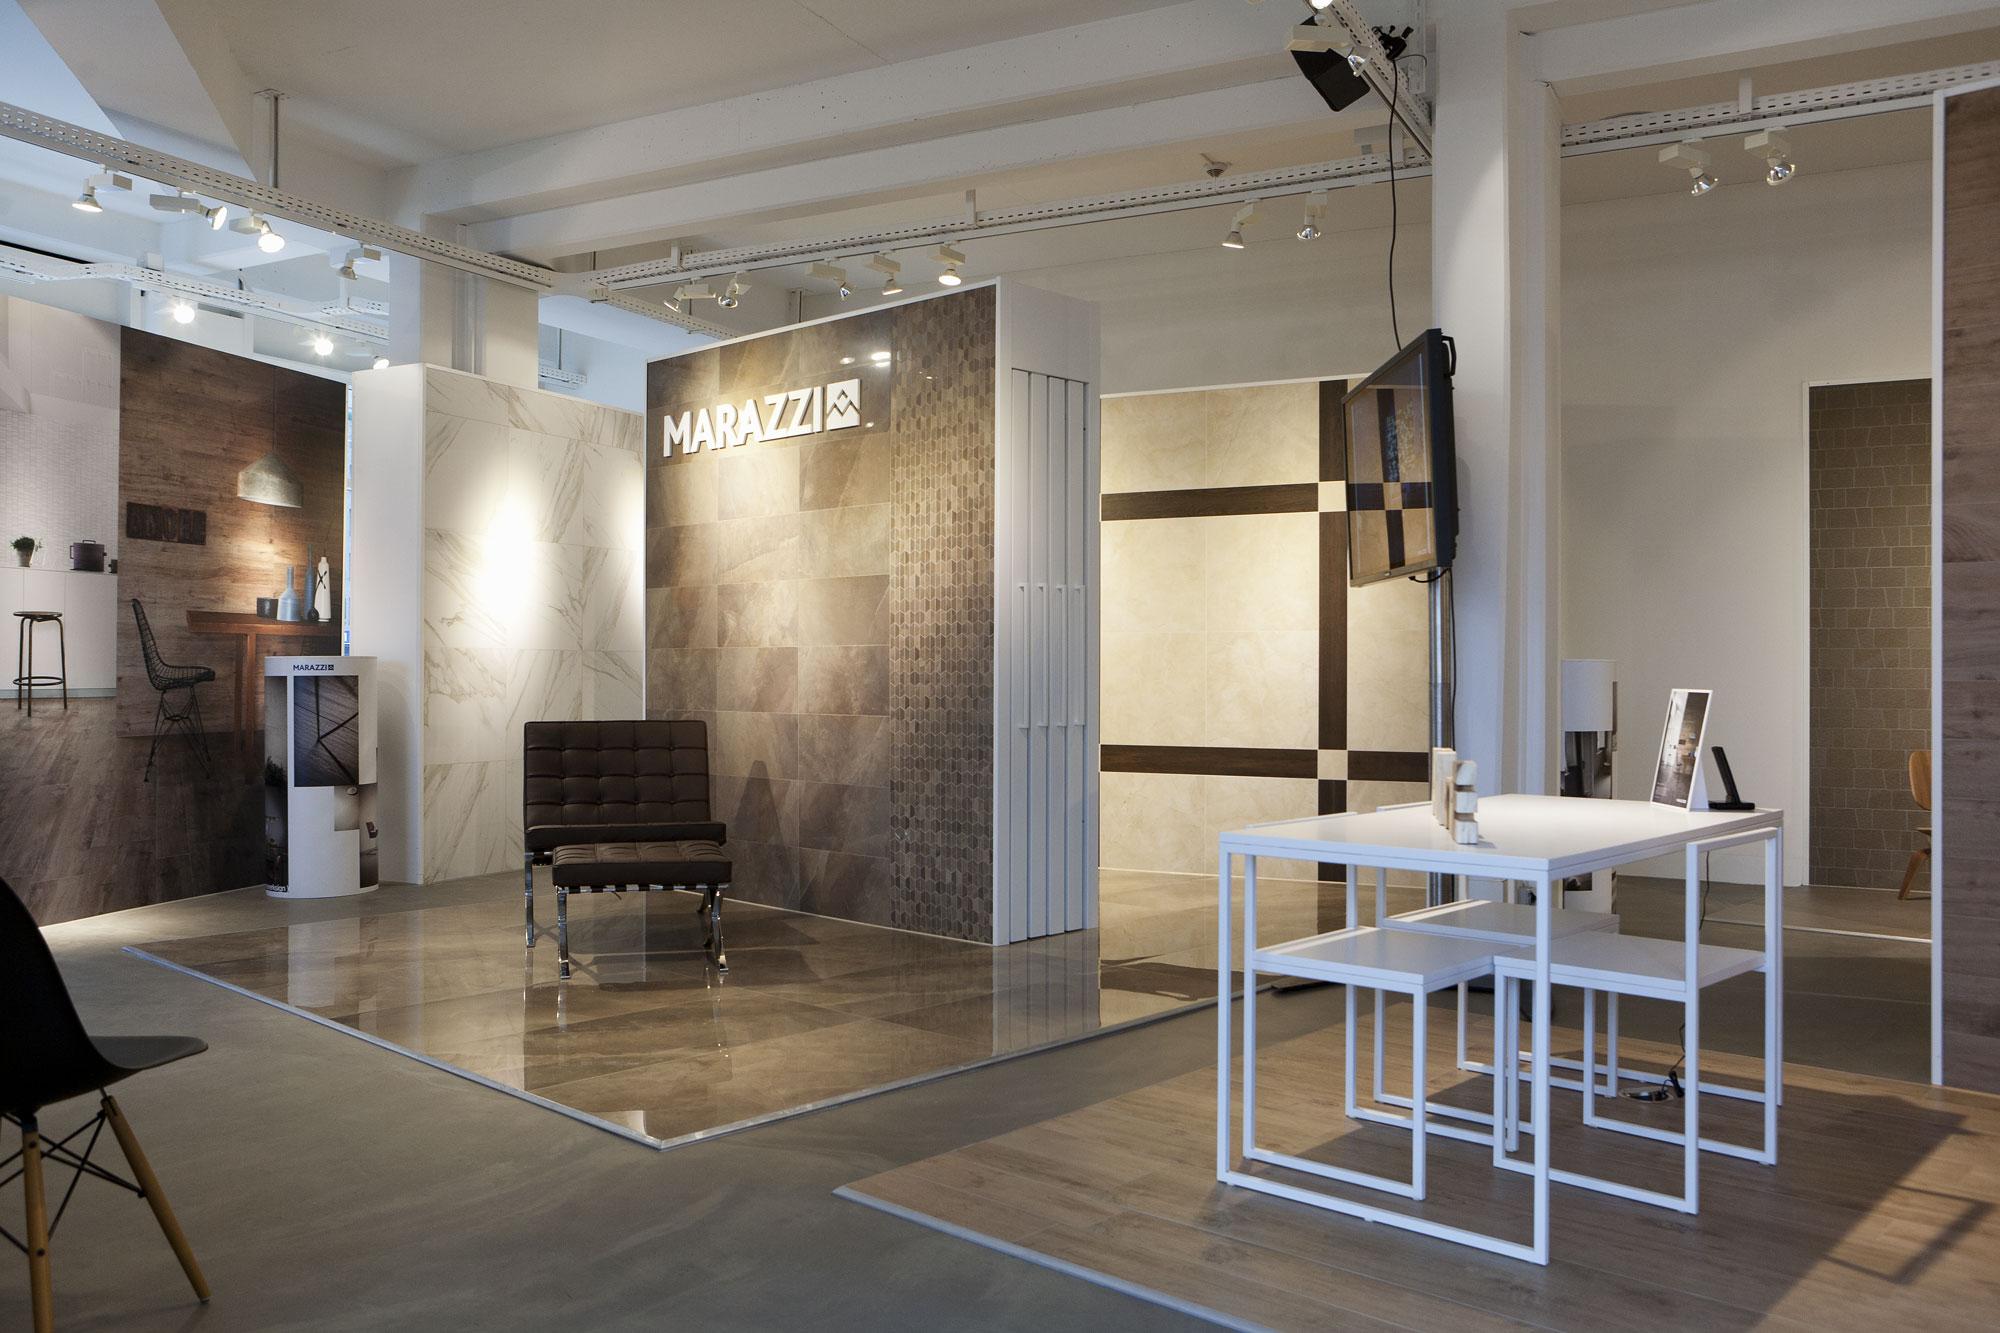 Marazzi showroom hamburg de uainot - The showroom hamburg ...